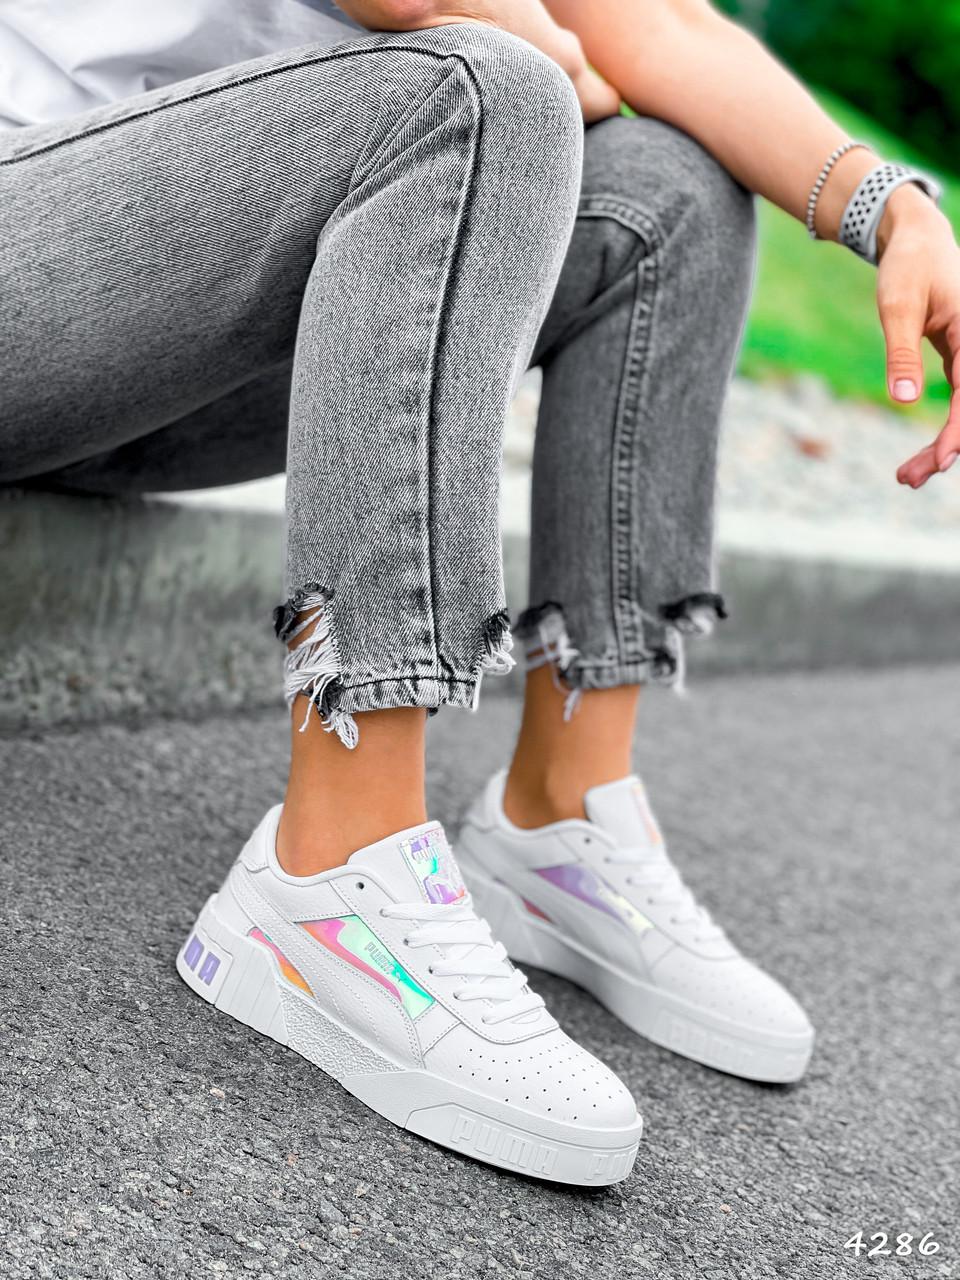 Кроссовки женские в стиле Puma белые + голографик 4286